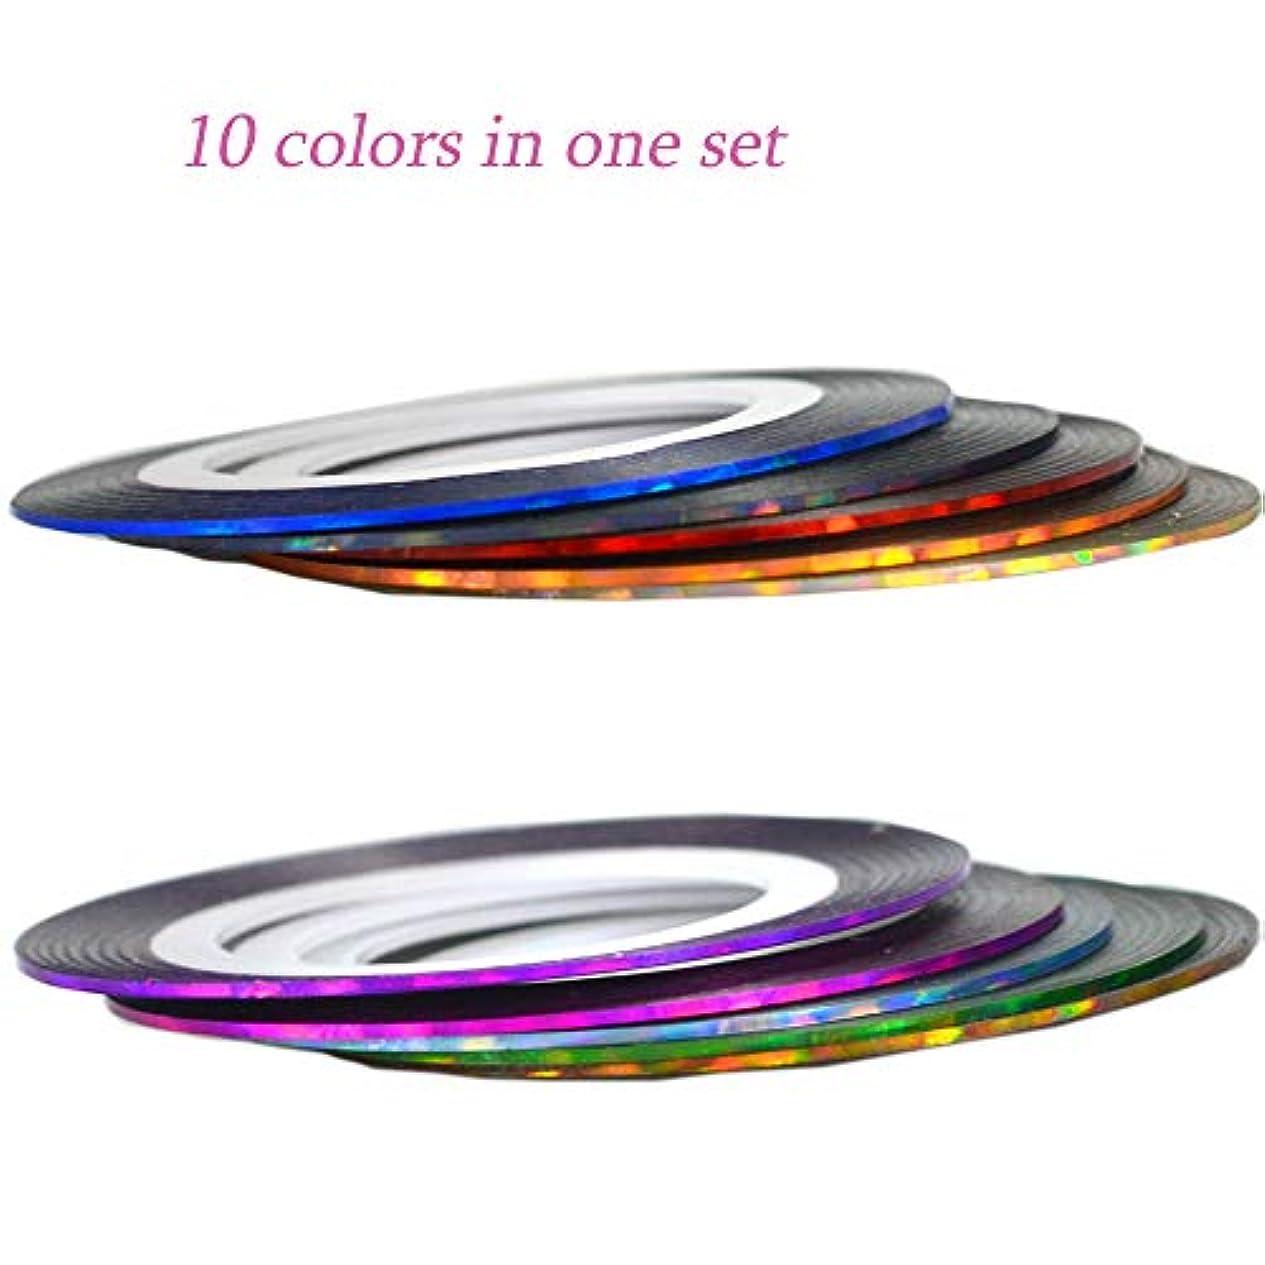 レバー見積りブレークSUKTI&XIAO ネイルステッカー 10色0.8ミリメートル光沢のあるロールネイルストライピングテープラインヒントuvジェルメタリックネイルアートインテリアステッカーデカールツールマニキュア